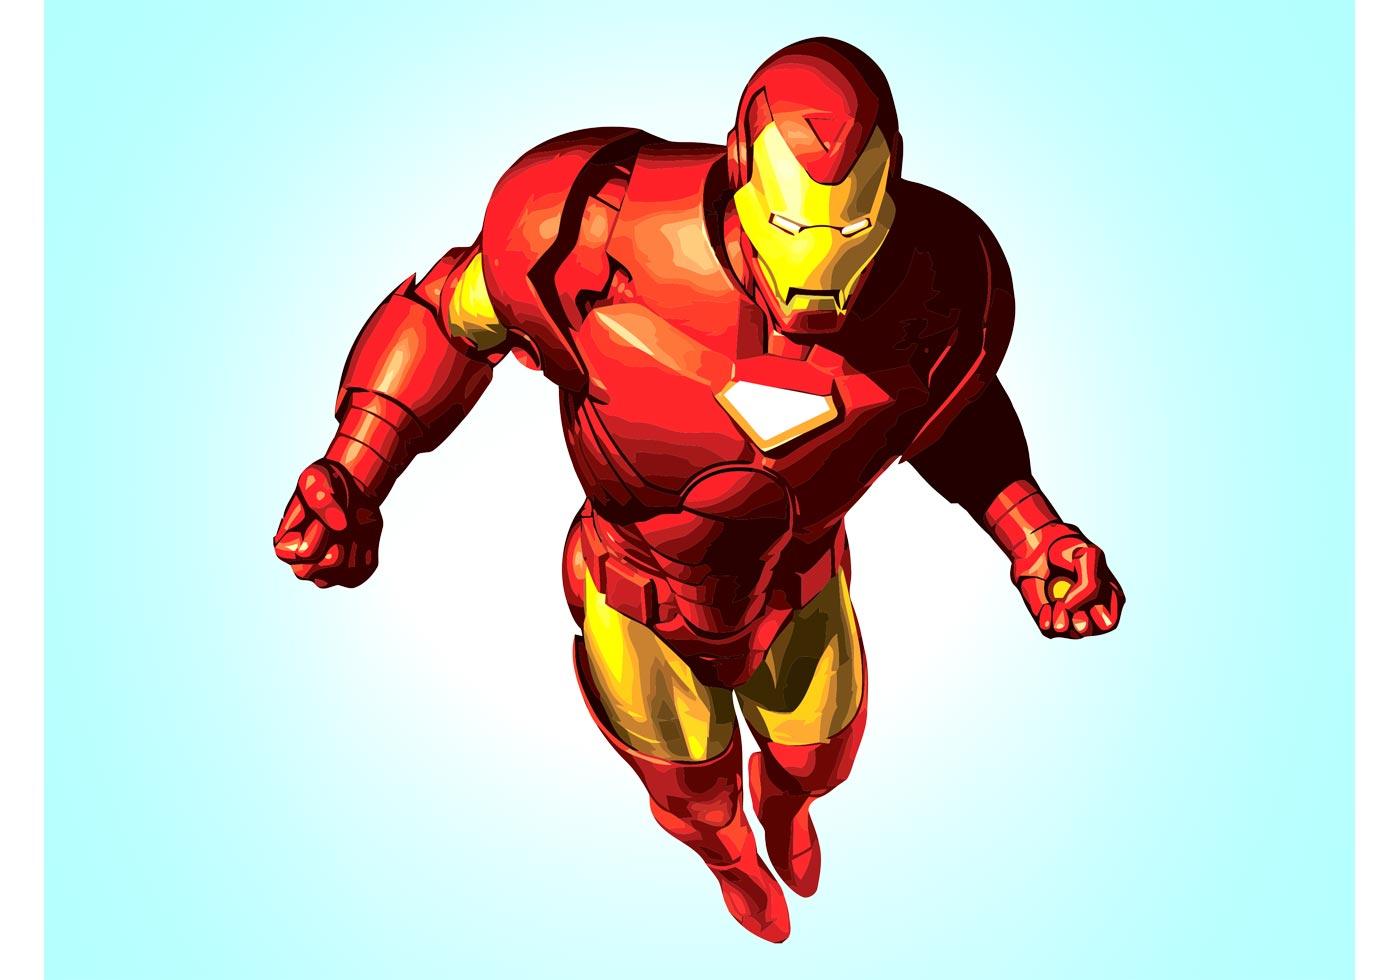 цветные картинки супергероев